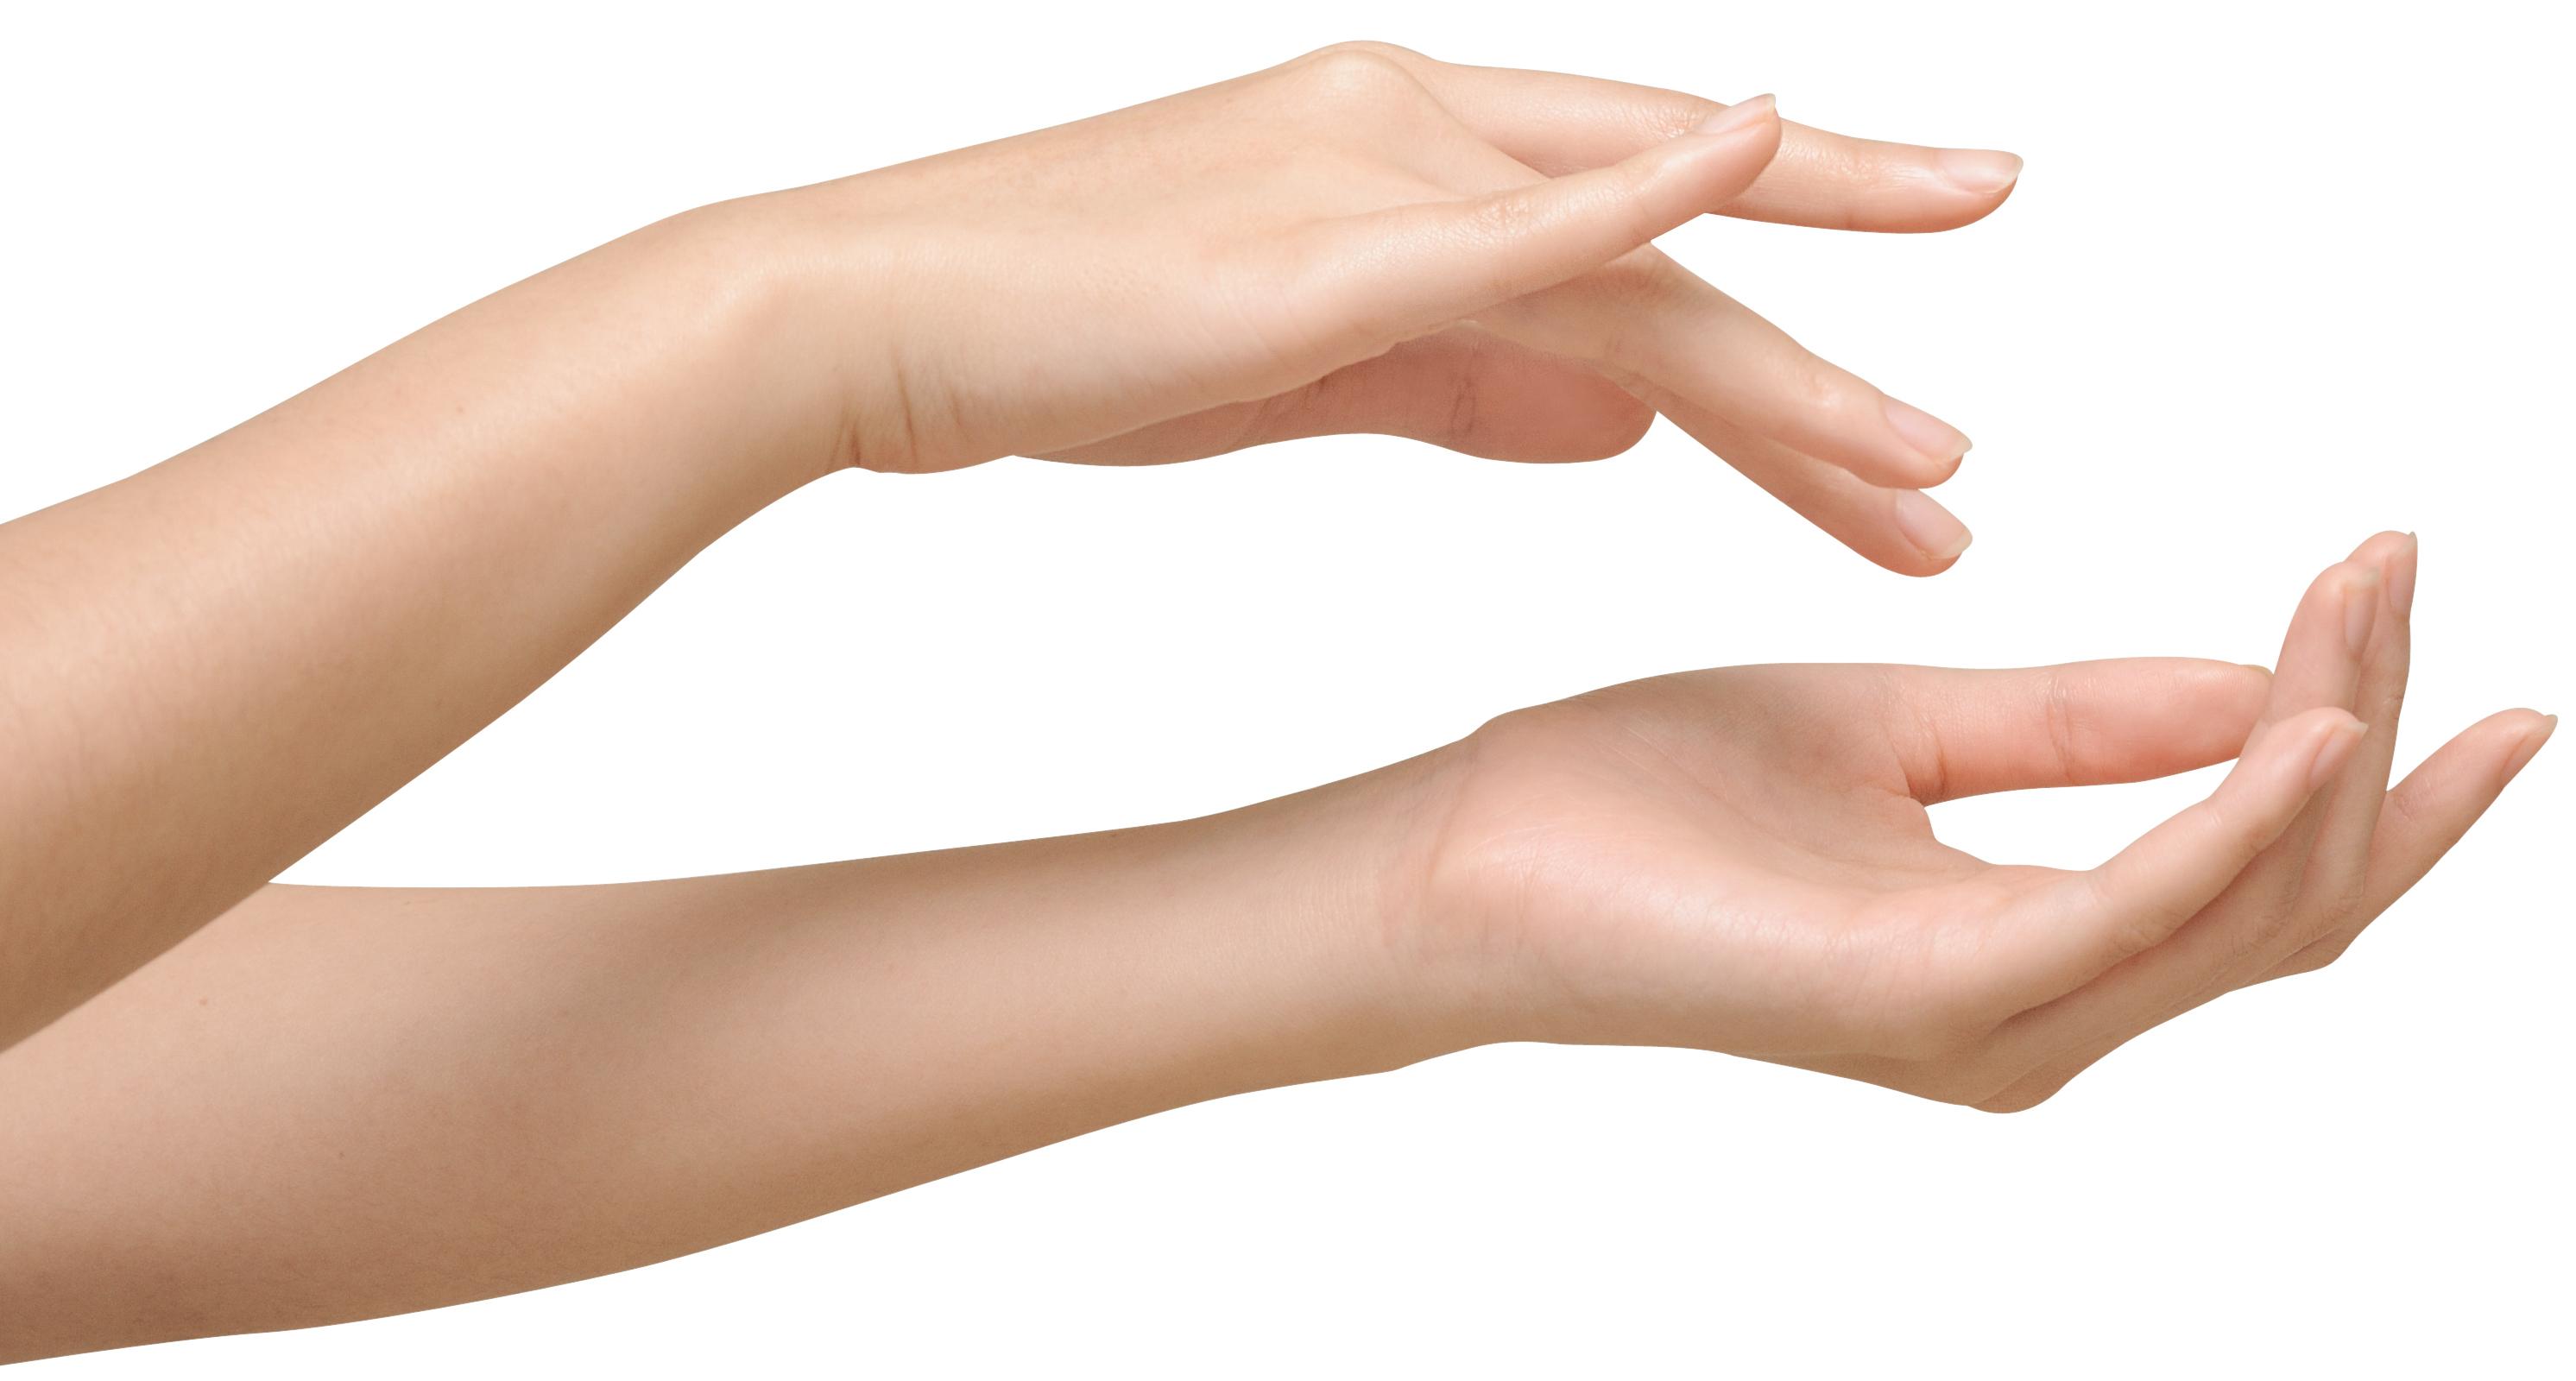 feleség kéz felállítása